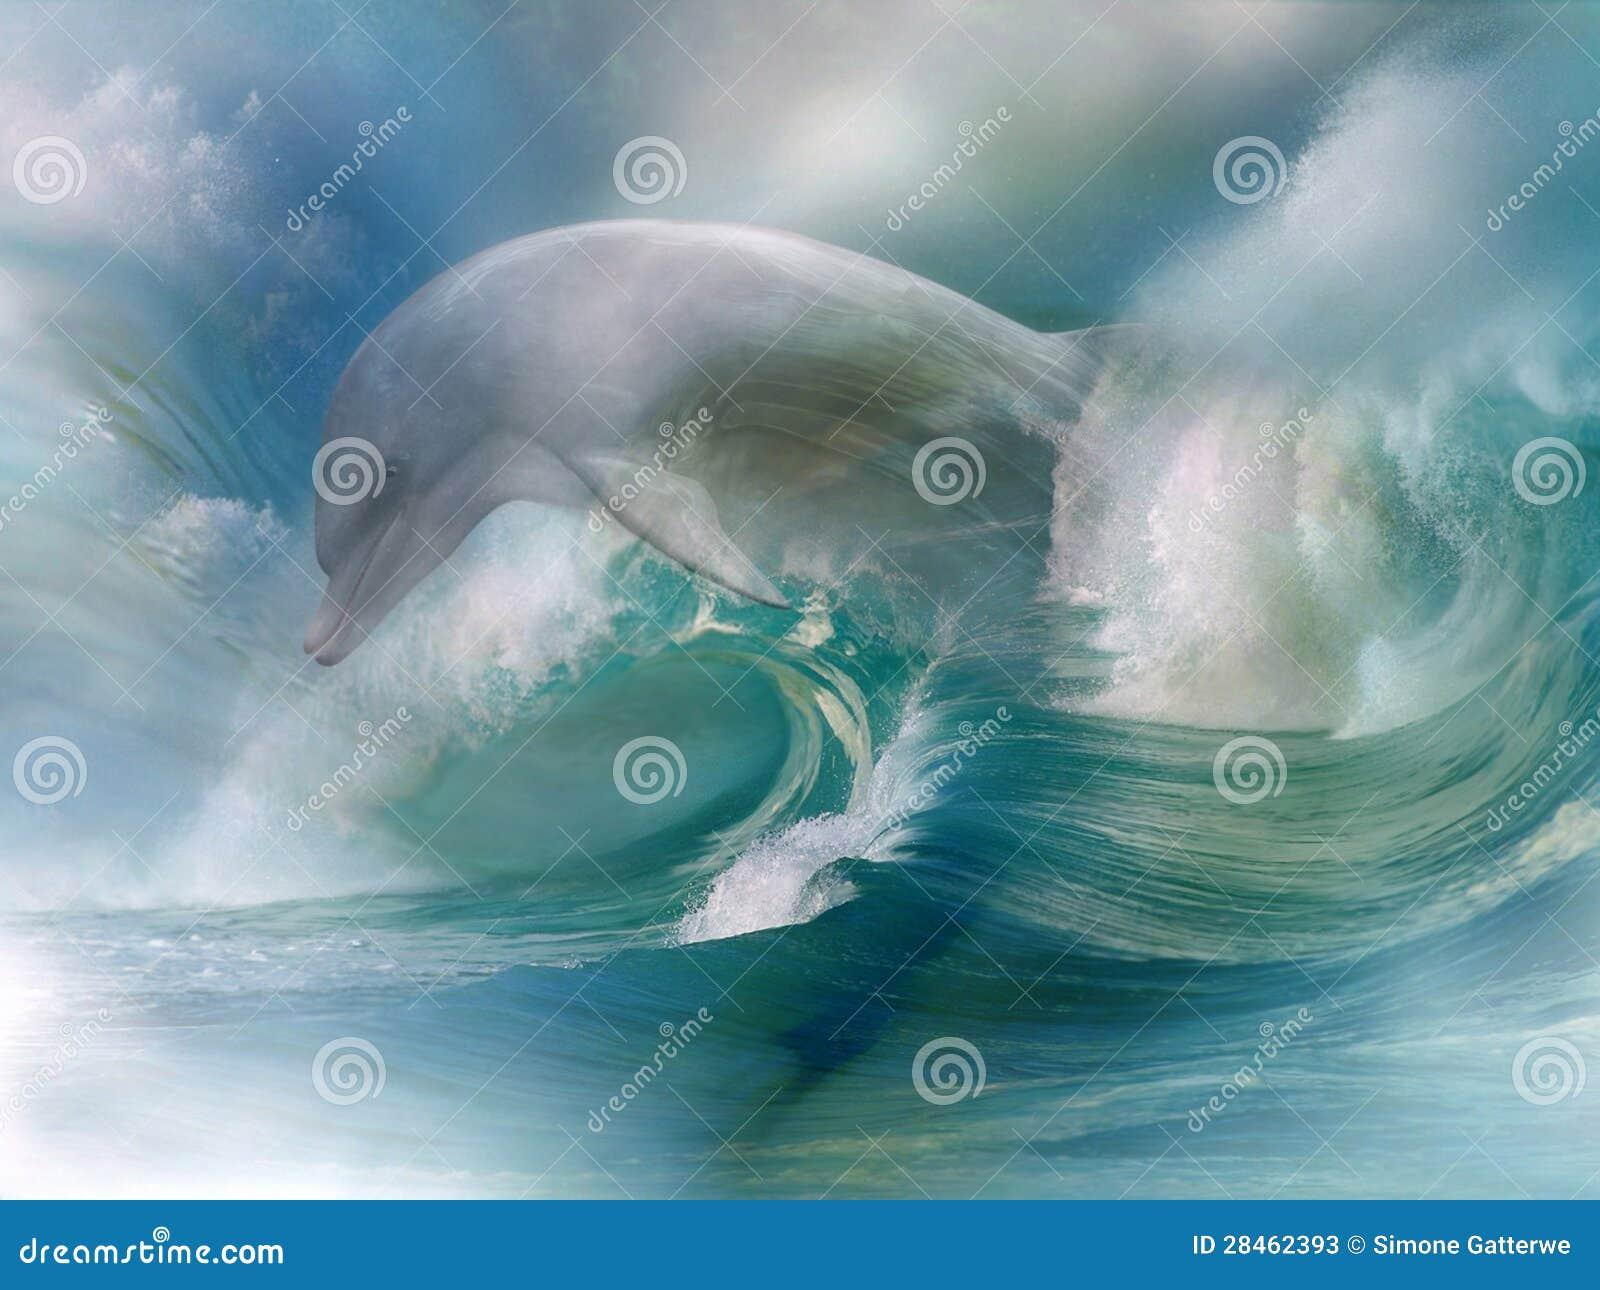 Oceane Dreams